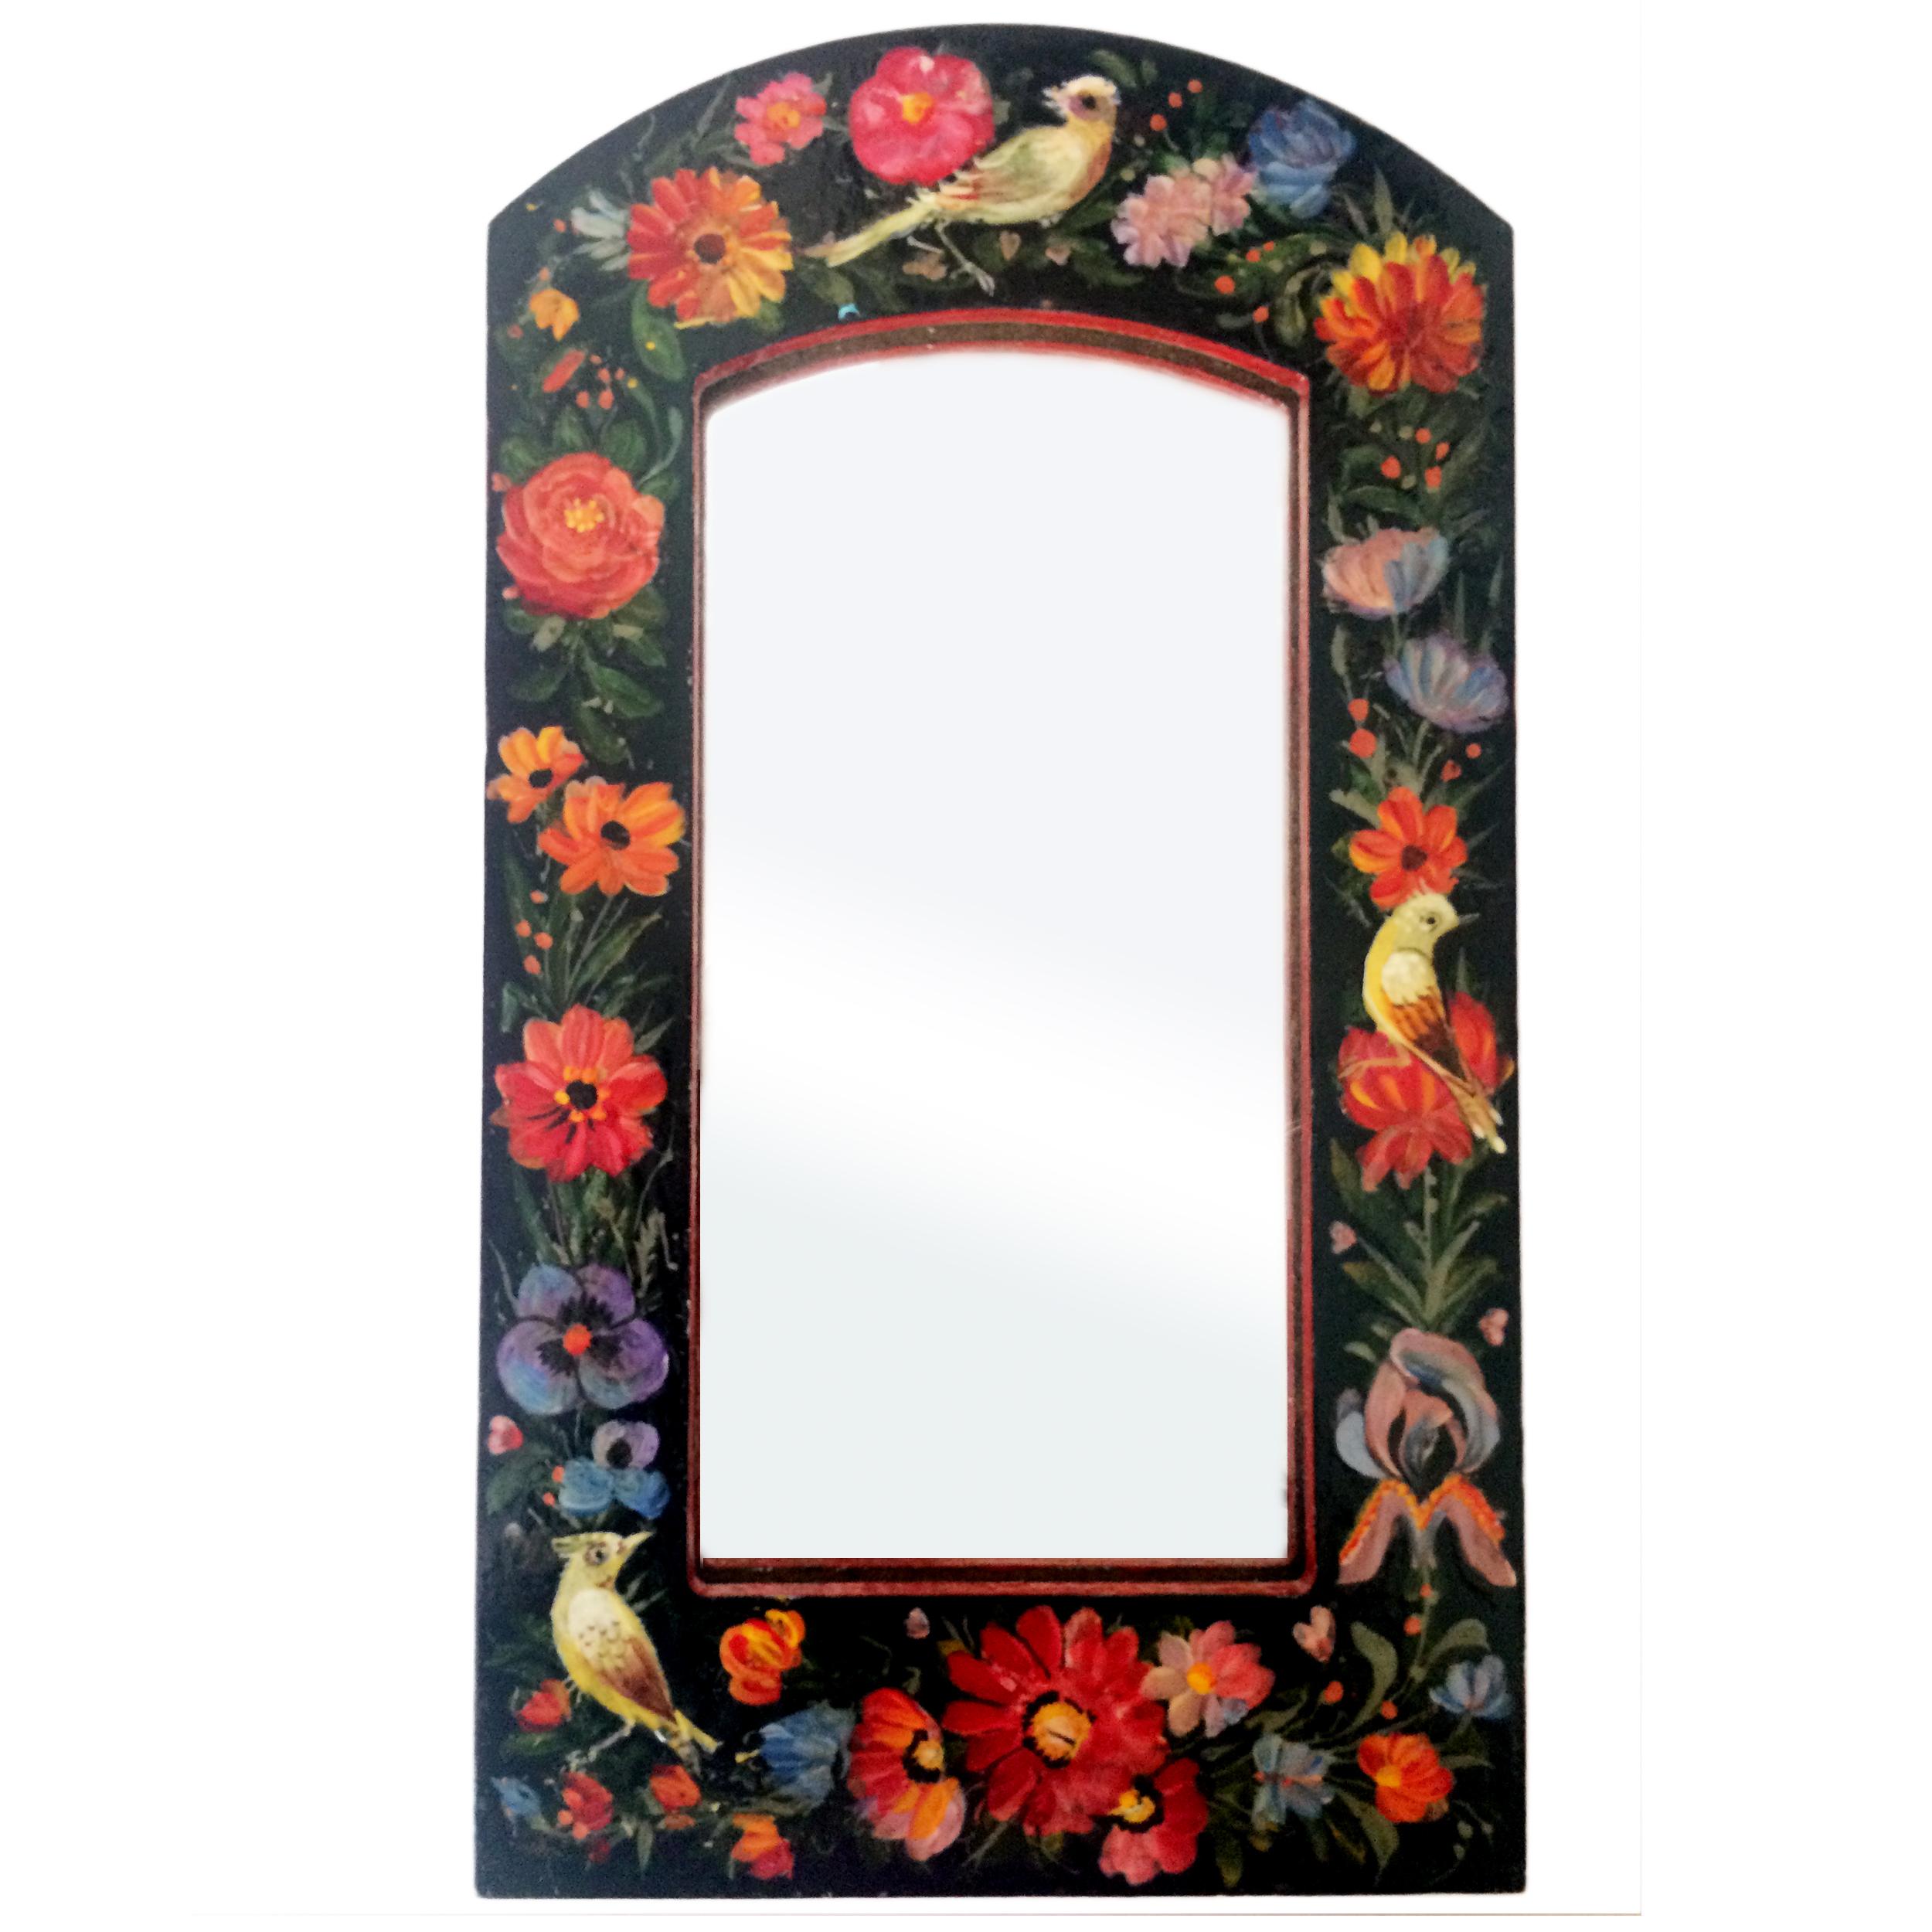 خرید                      آینه مدل گل و مرغ کد 006